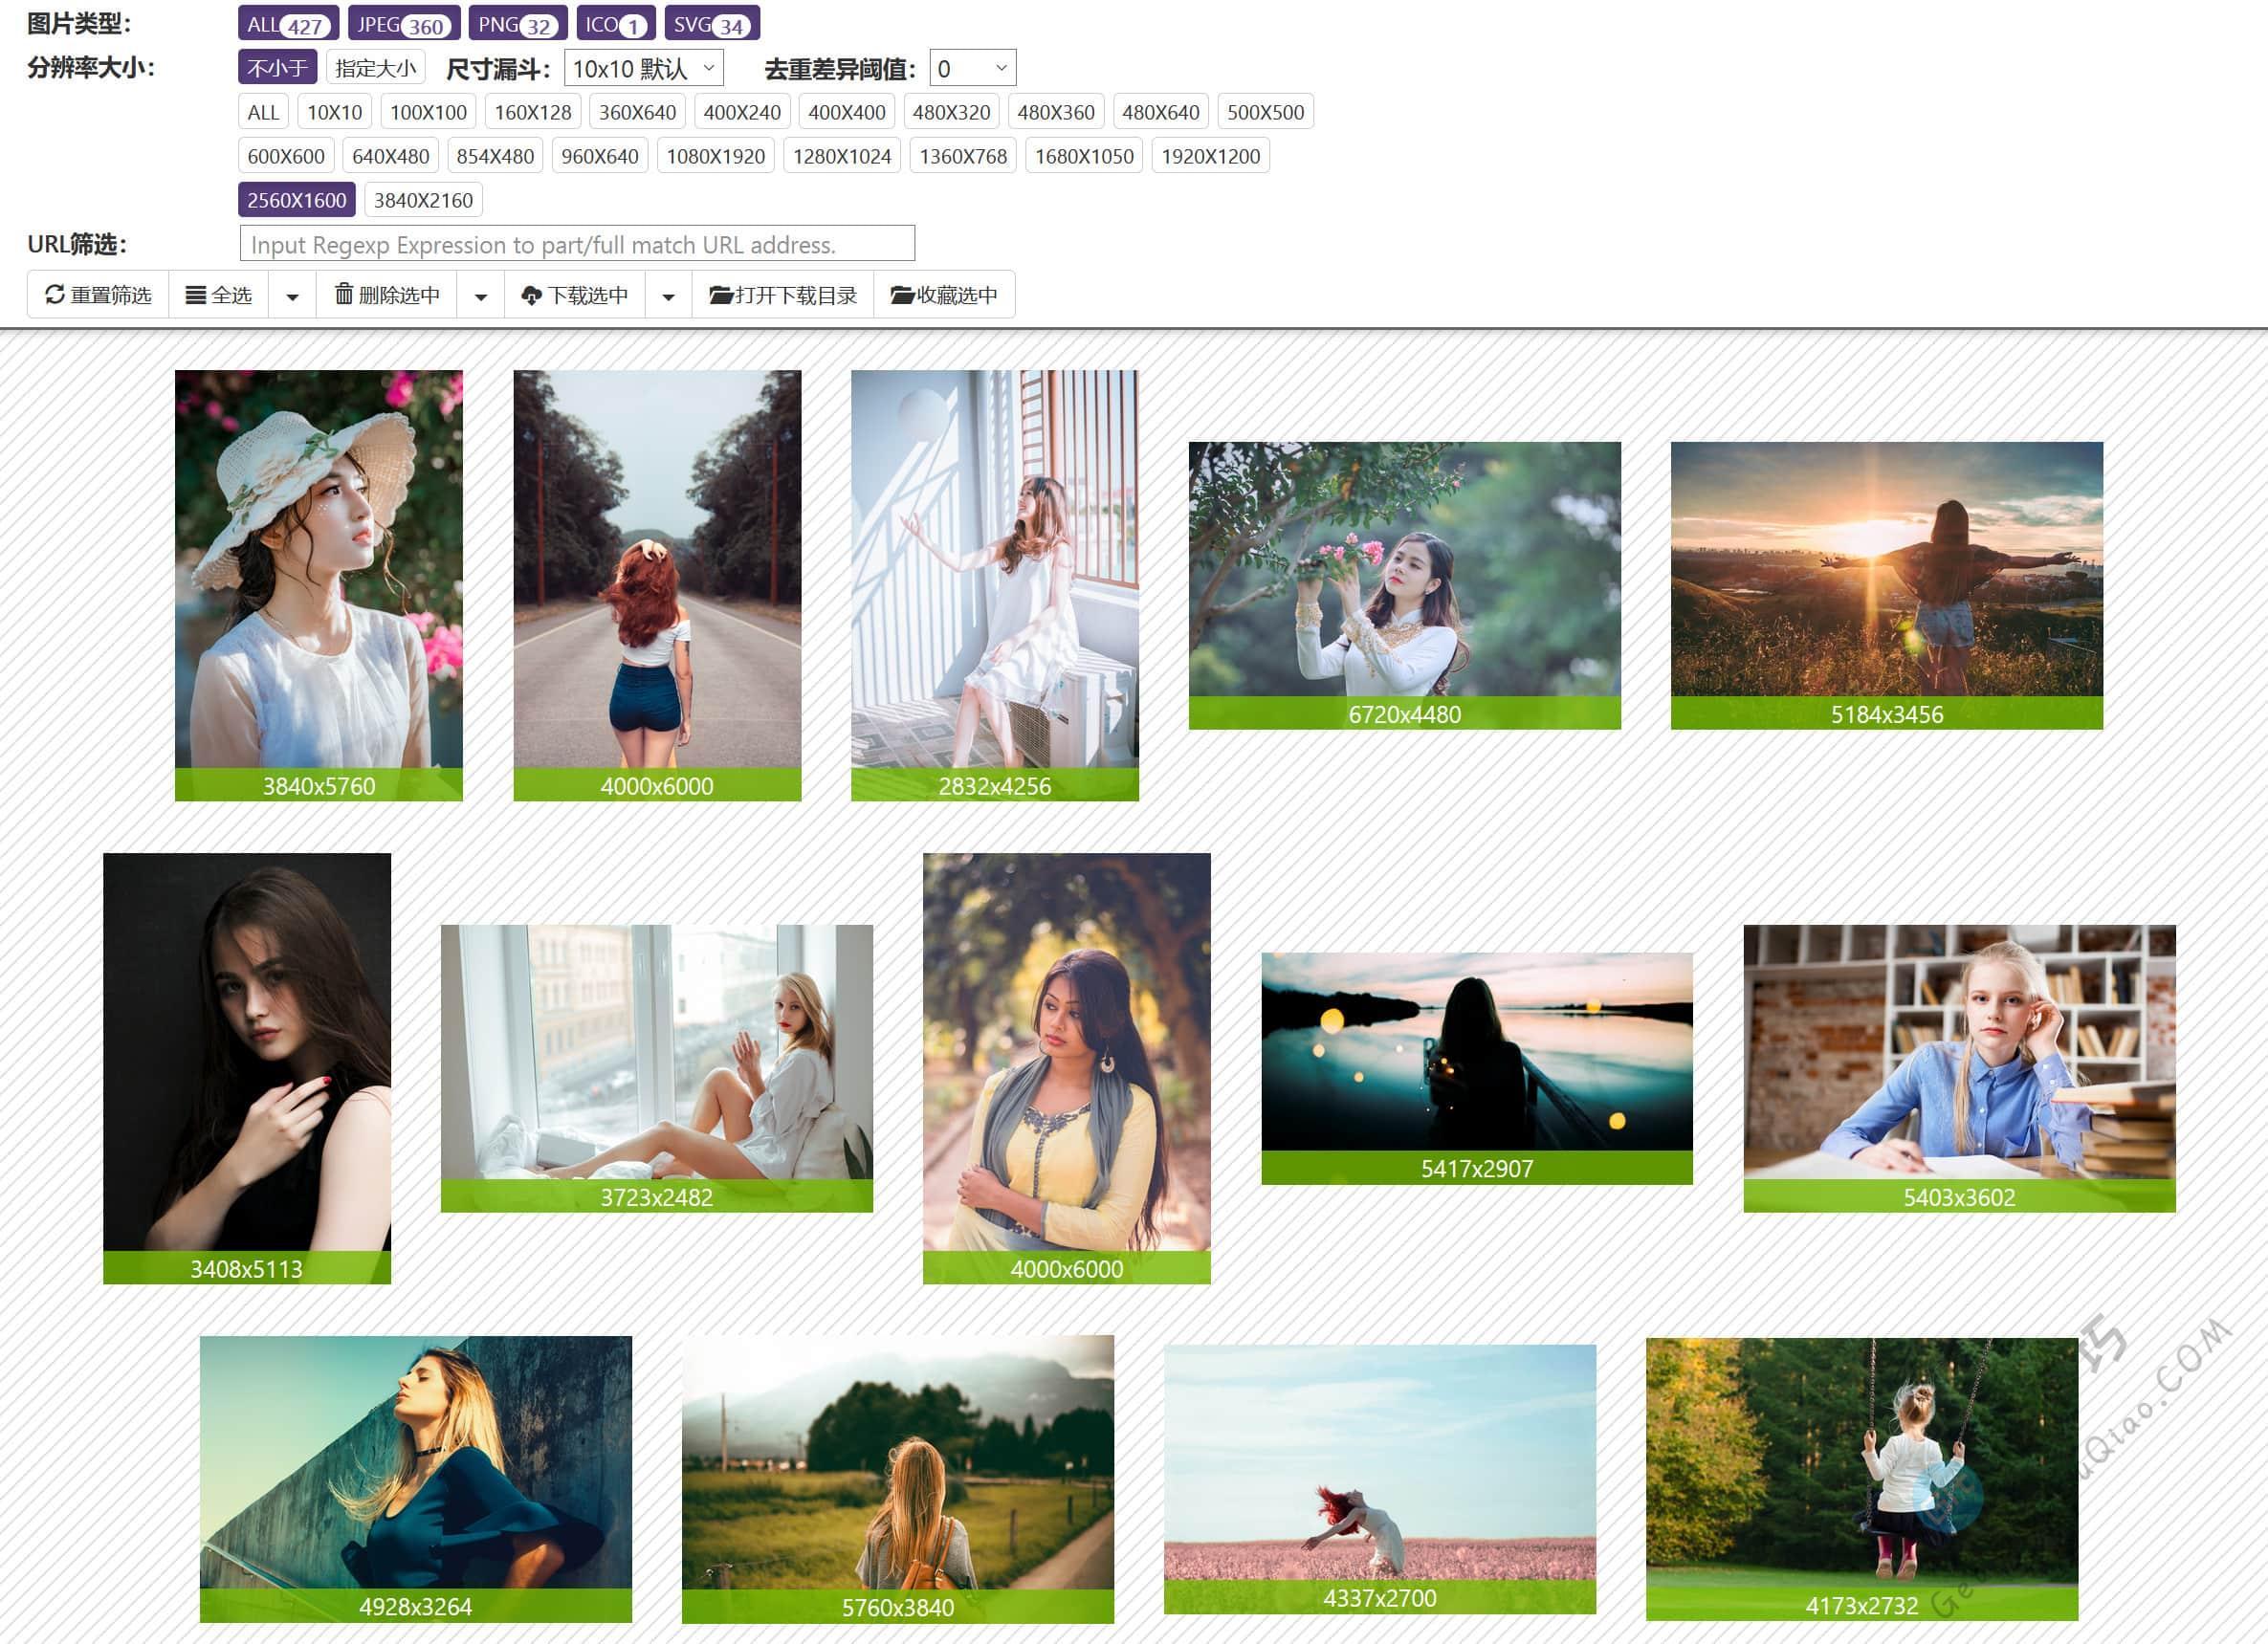 网站图片批量下载工具,支持尺寸、分辨率、正则URL过滤和递增链接提取